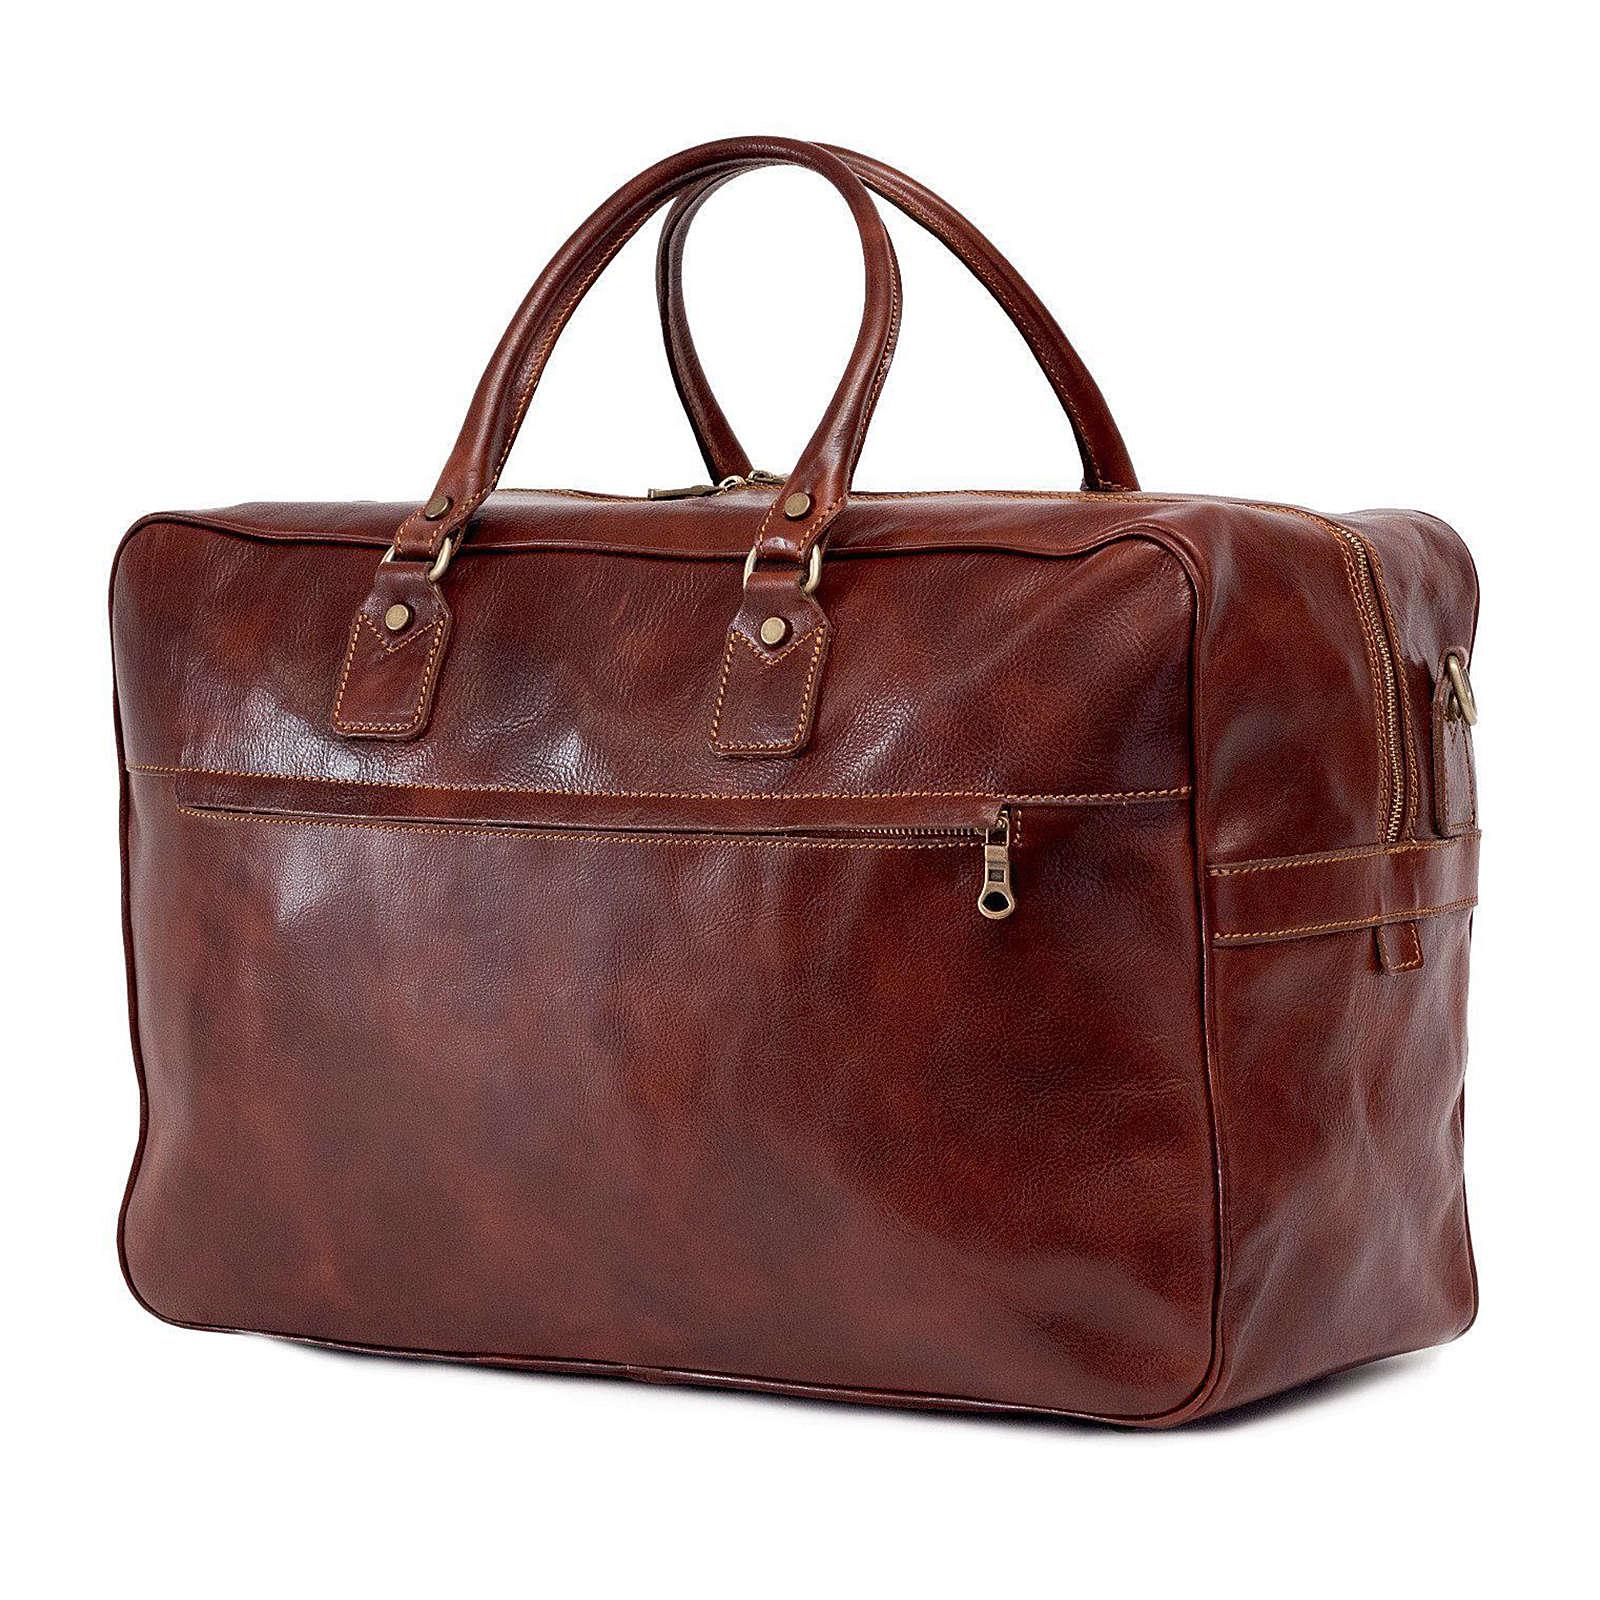 TOSSO´S Reisetasche Traveller's Duffle Reisetaschen braun